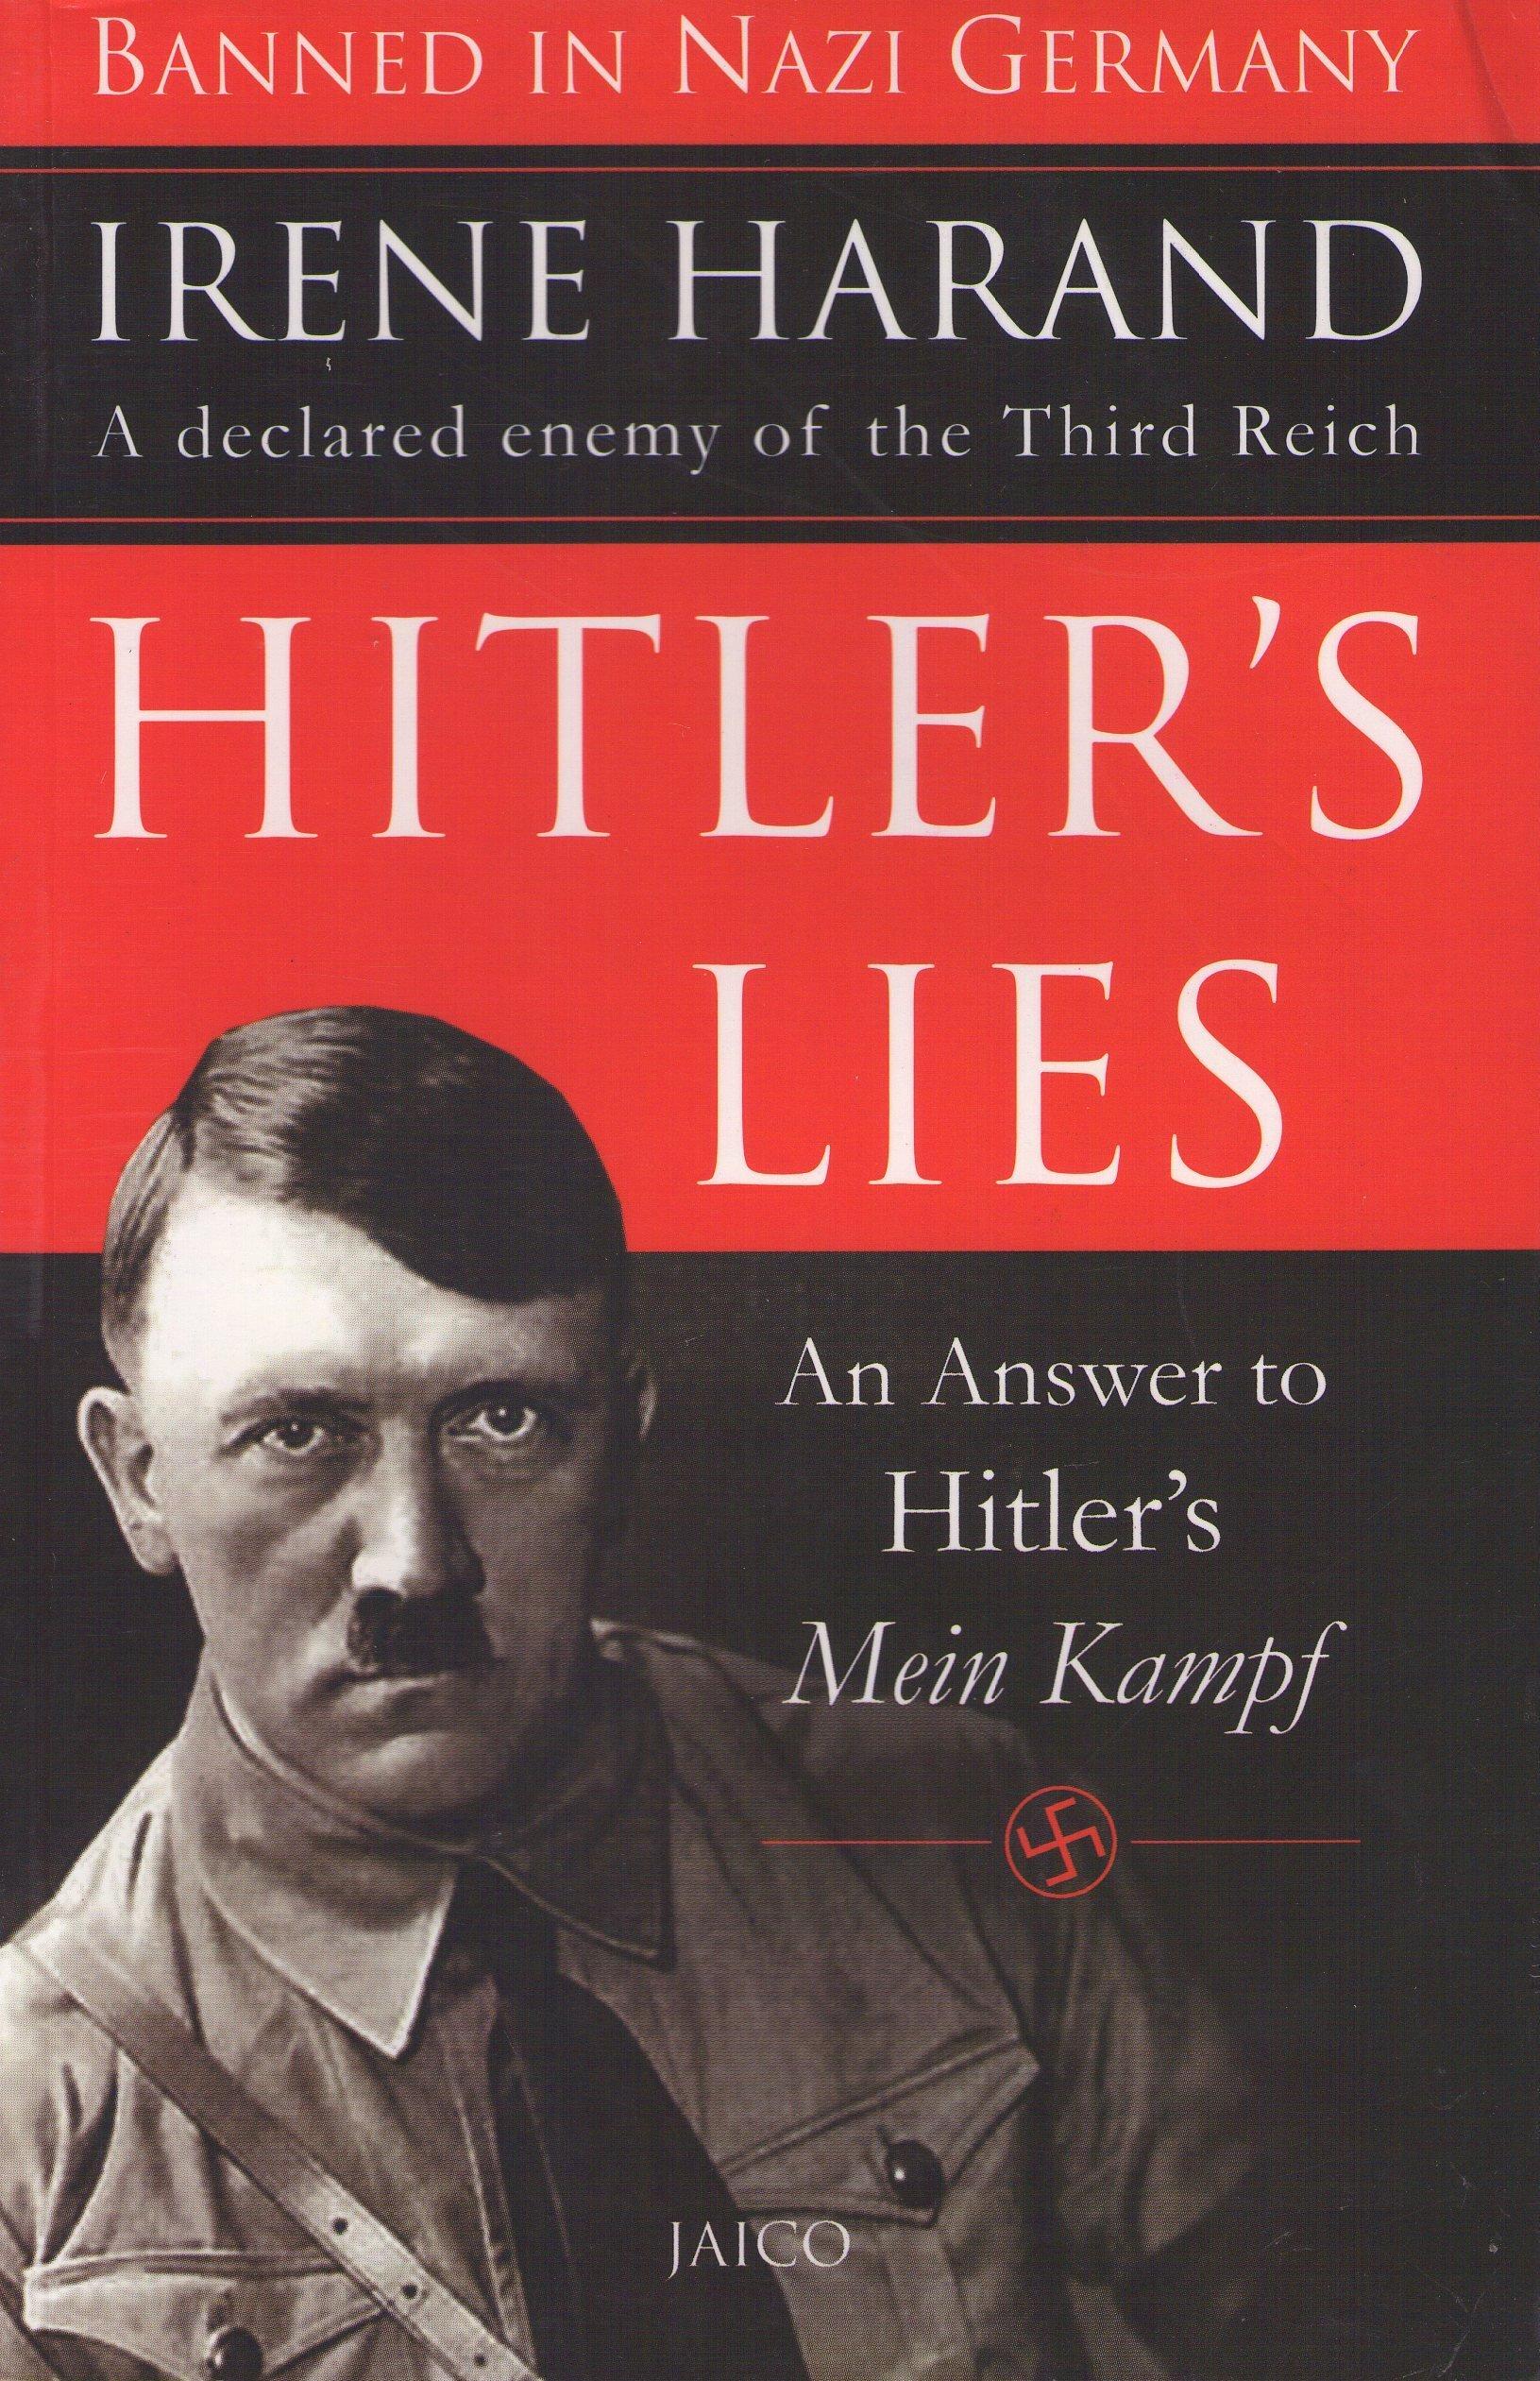 Mein Kampf Book In Hindi